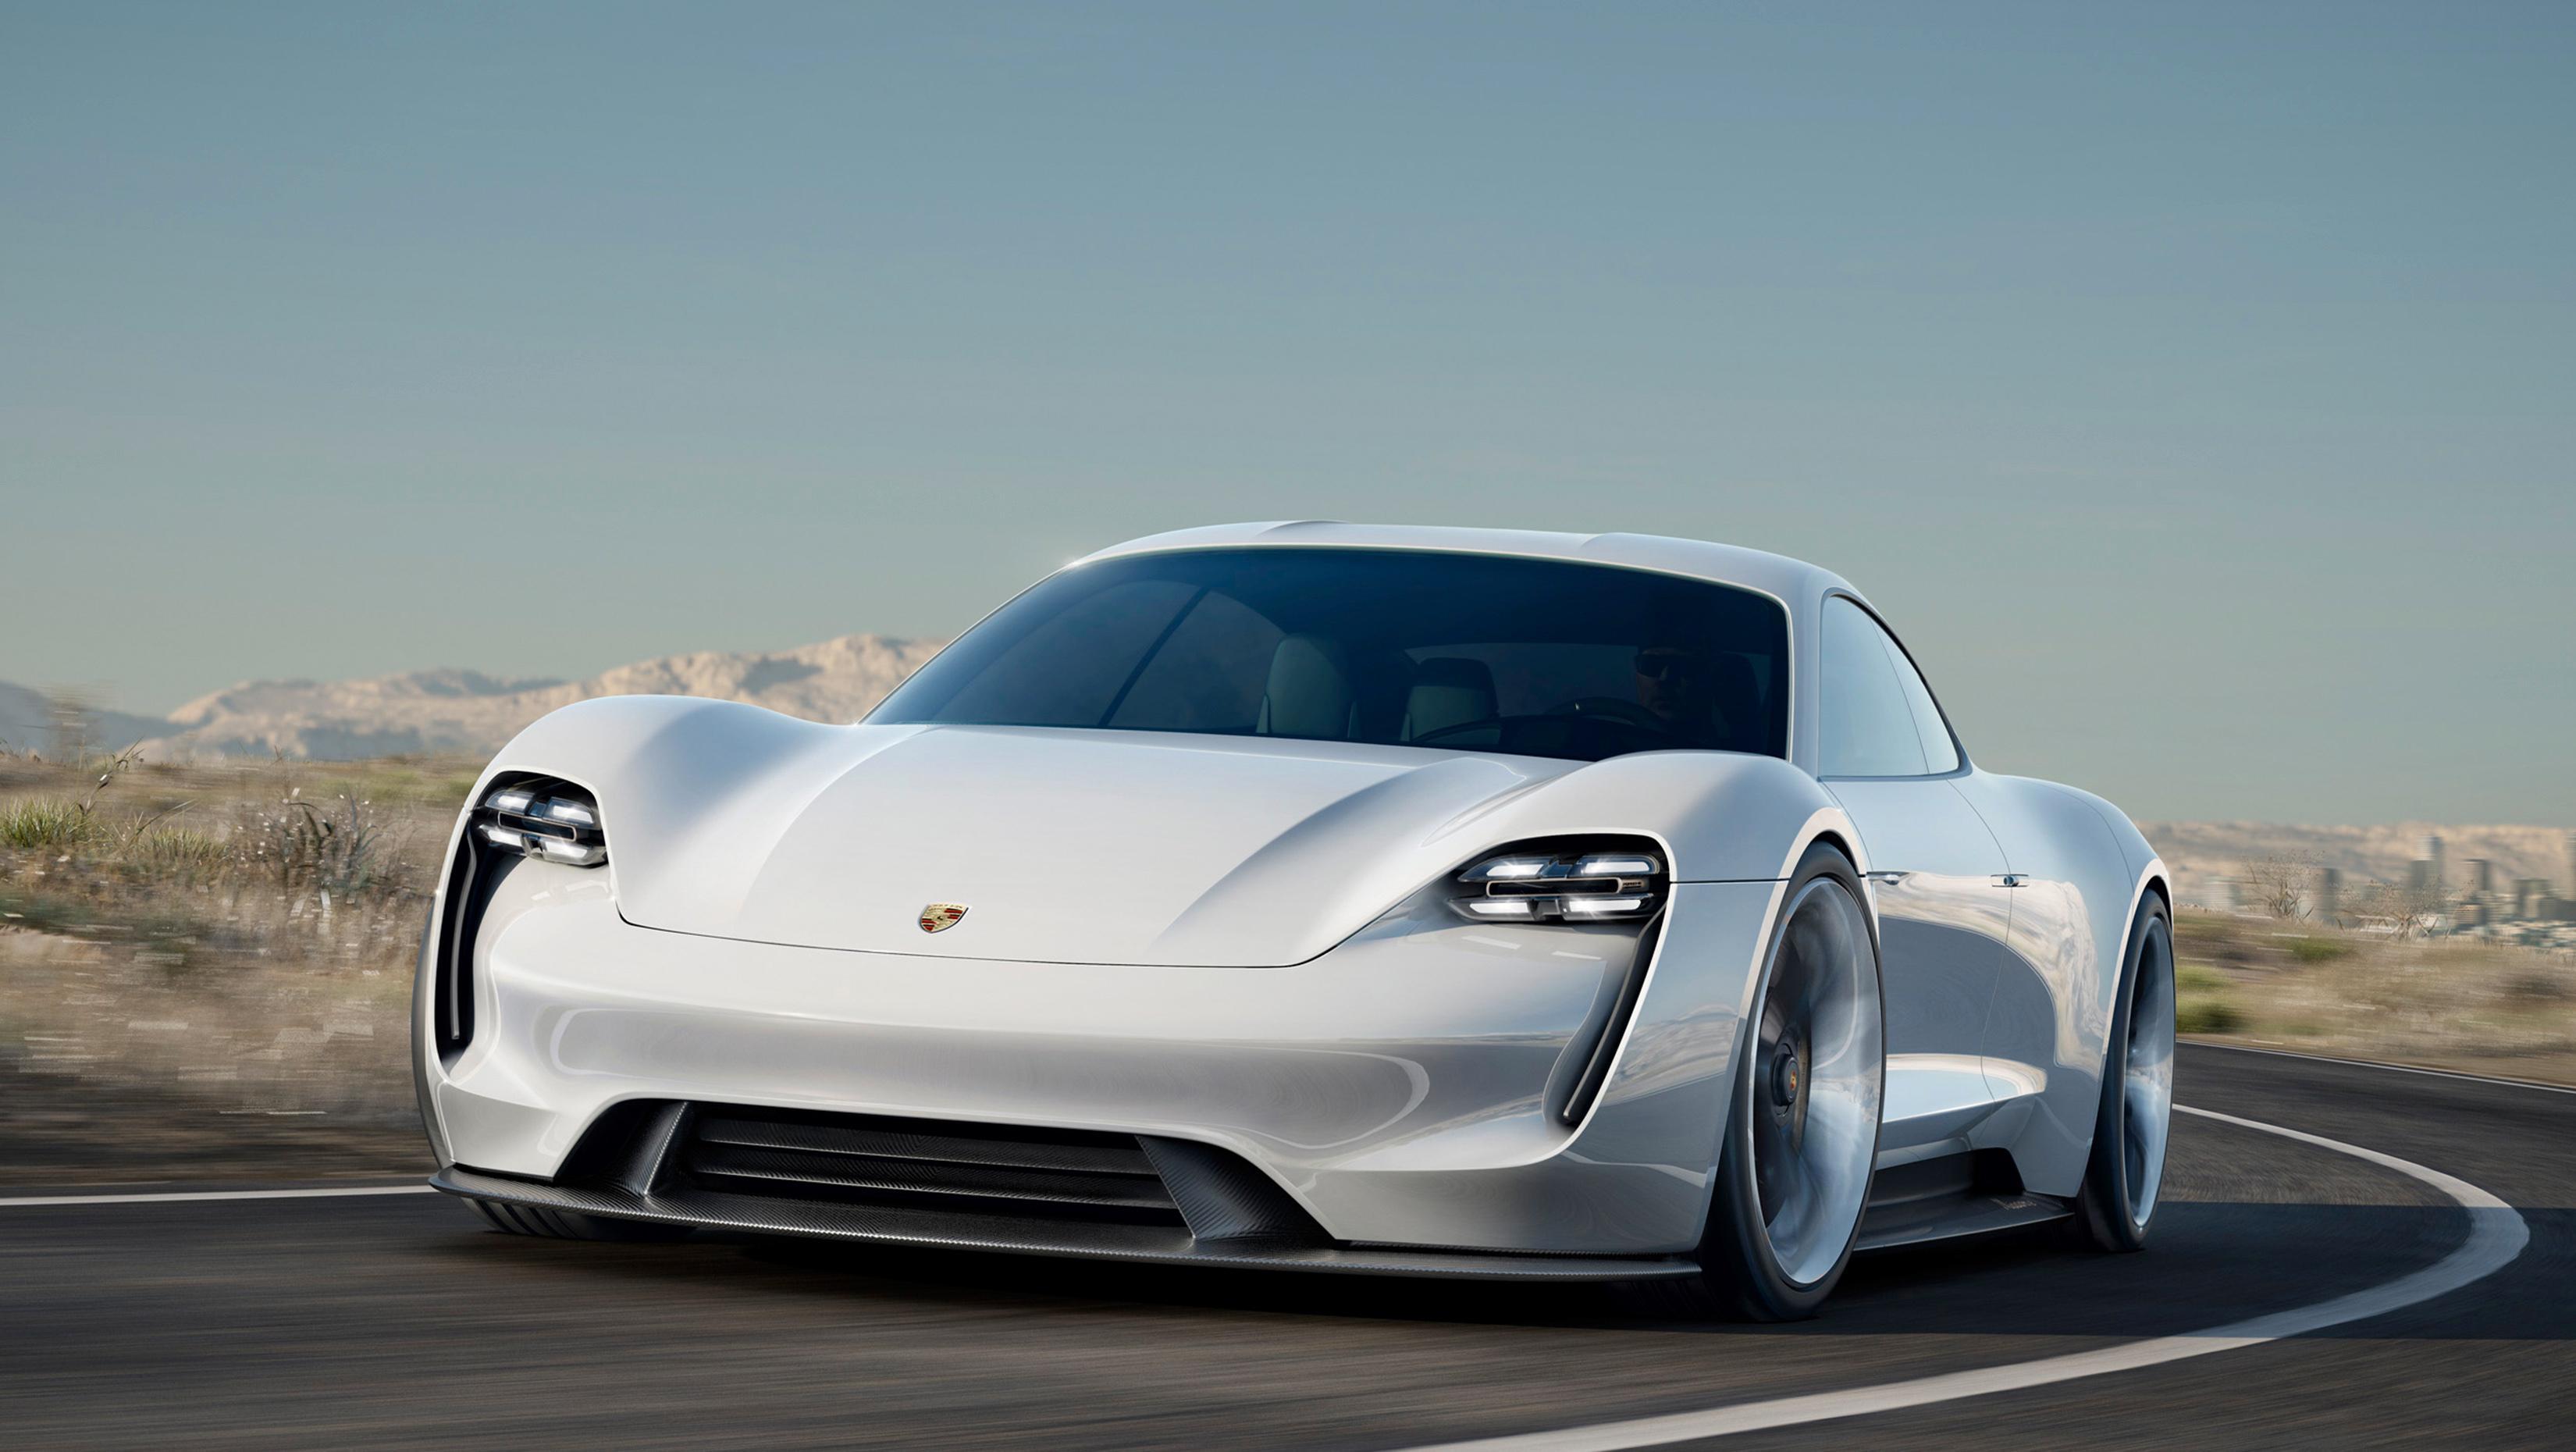 Slik skal Porsche Taycan se ut når den kommer i ferdig utgave en gang i løpet av 2019 eller 2020.